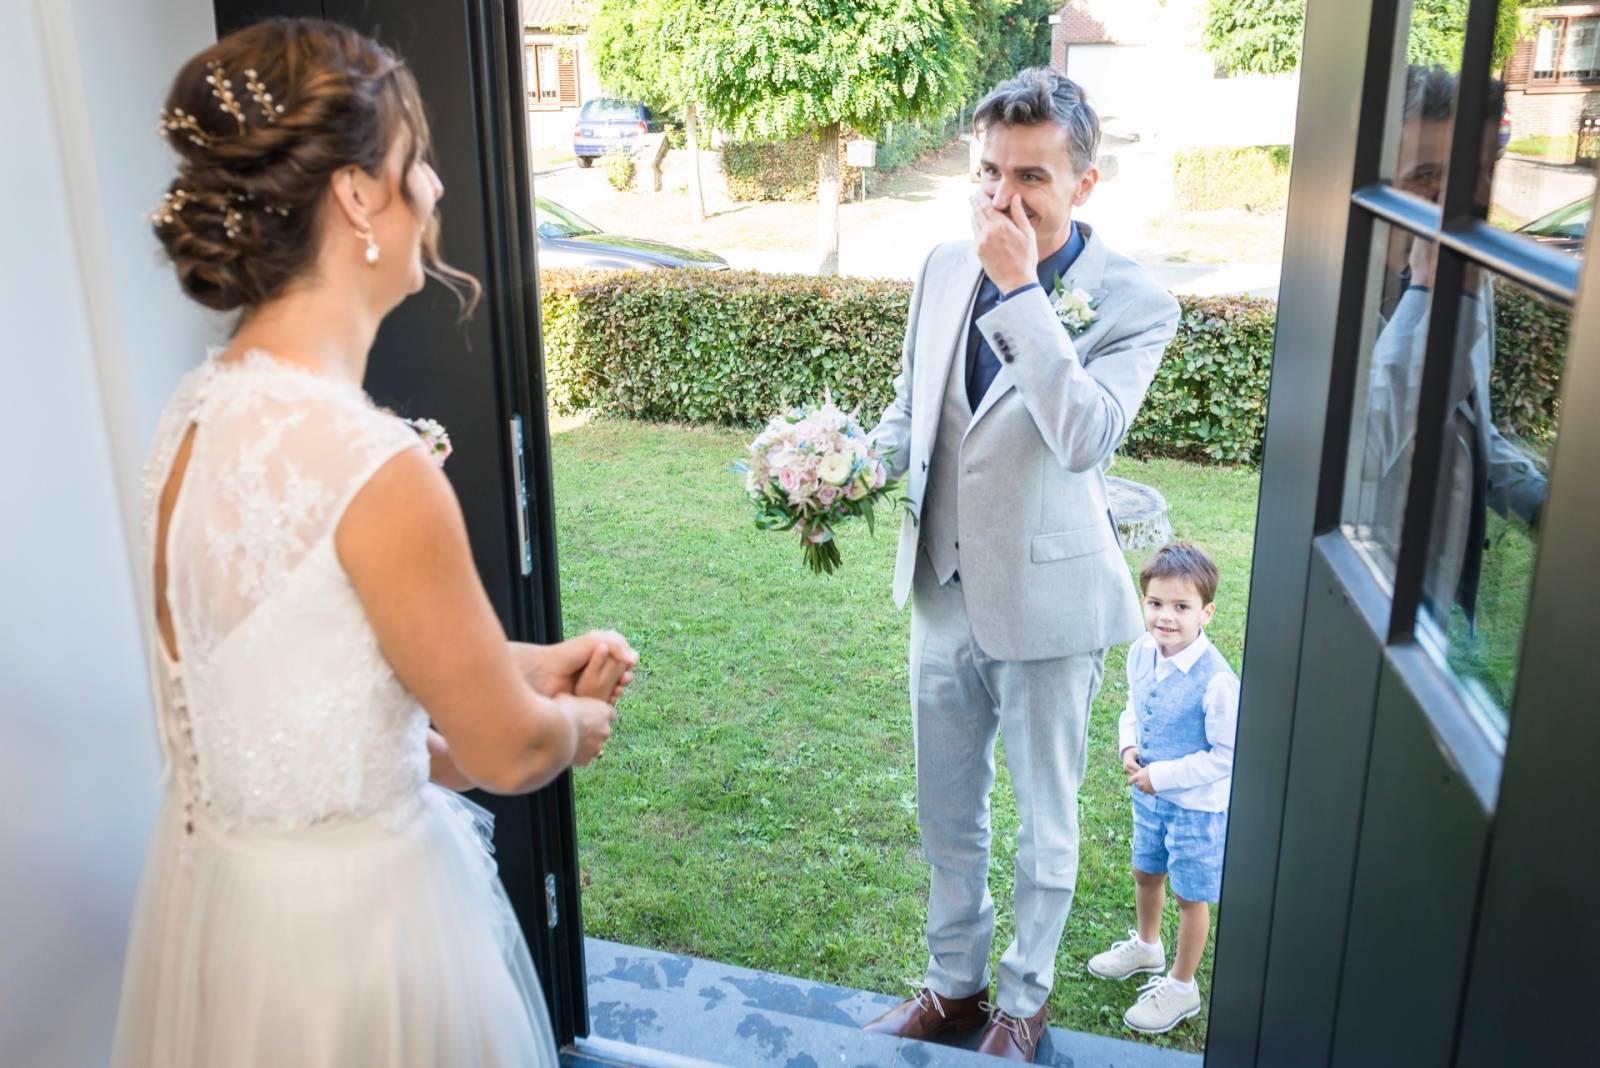 Annick Van Wesemael - Bloemen - Bruidsboeket - Tom Talloen - House of Weddings - 2 2